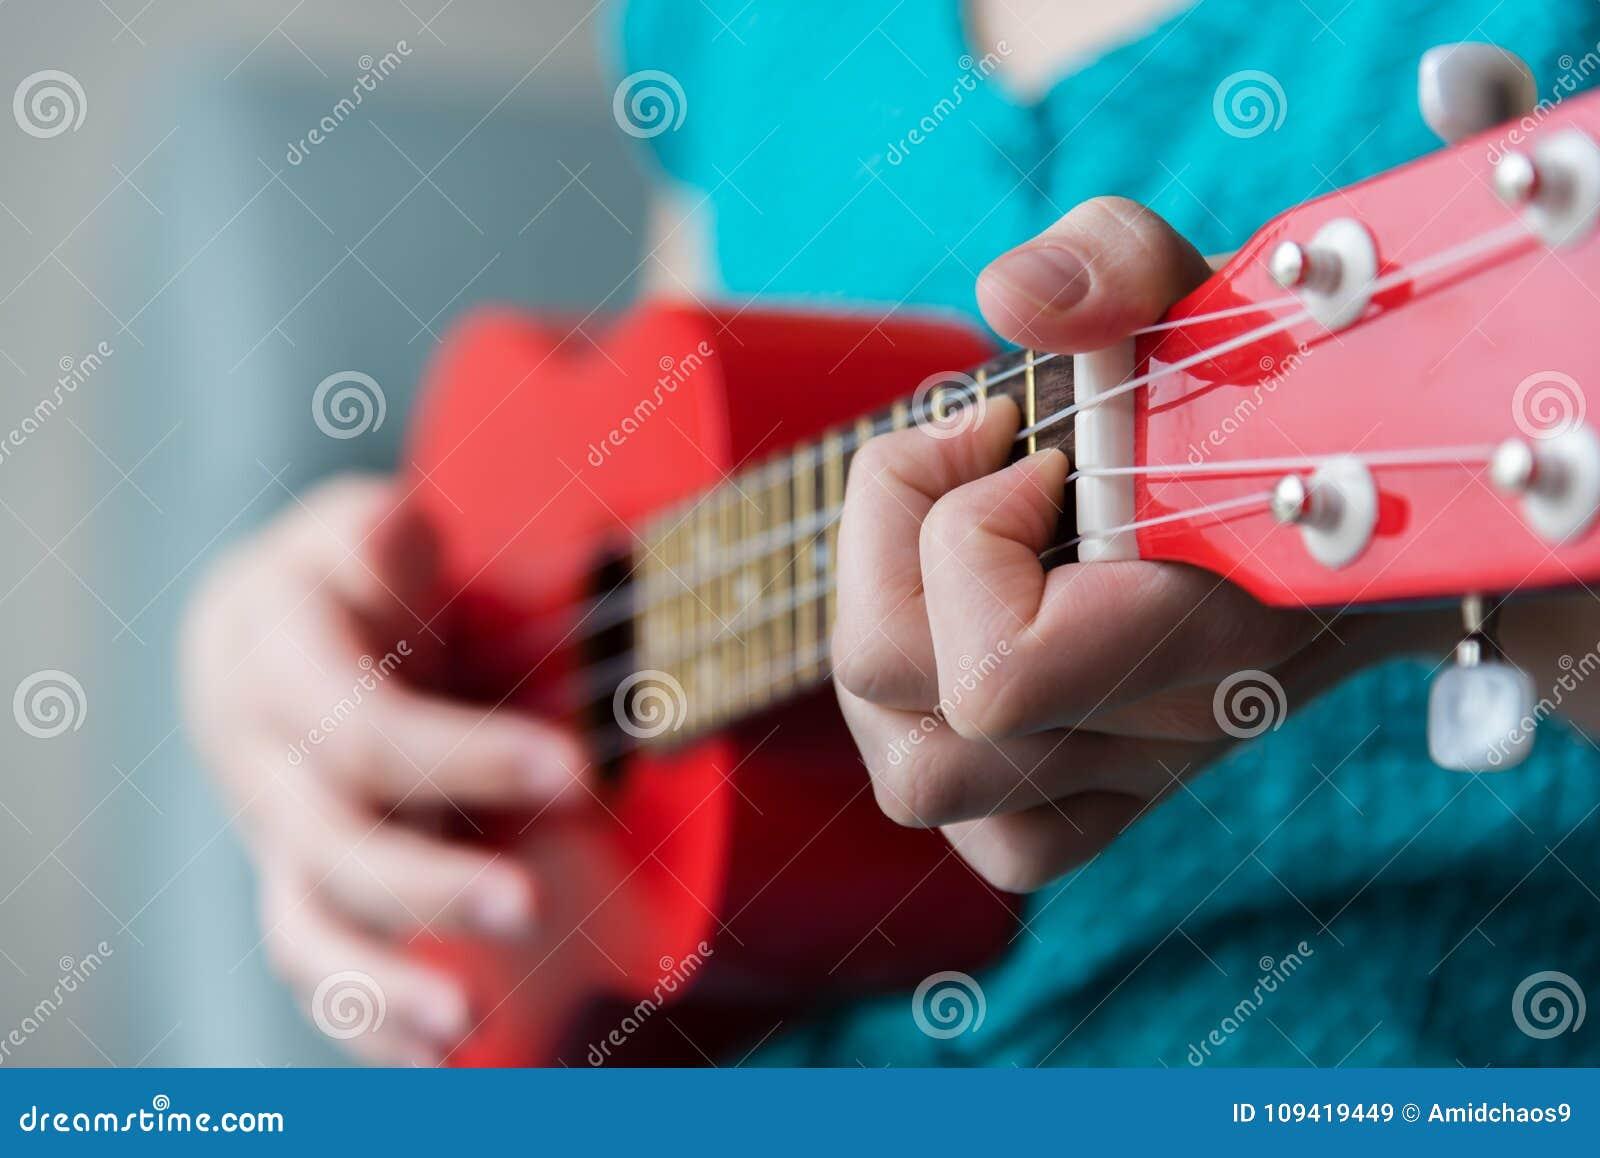 Girls Fingers Playing Chord On Fretboard Of Red Ukulele Stock Image